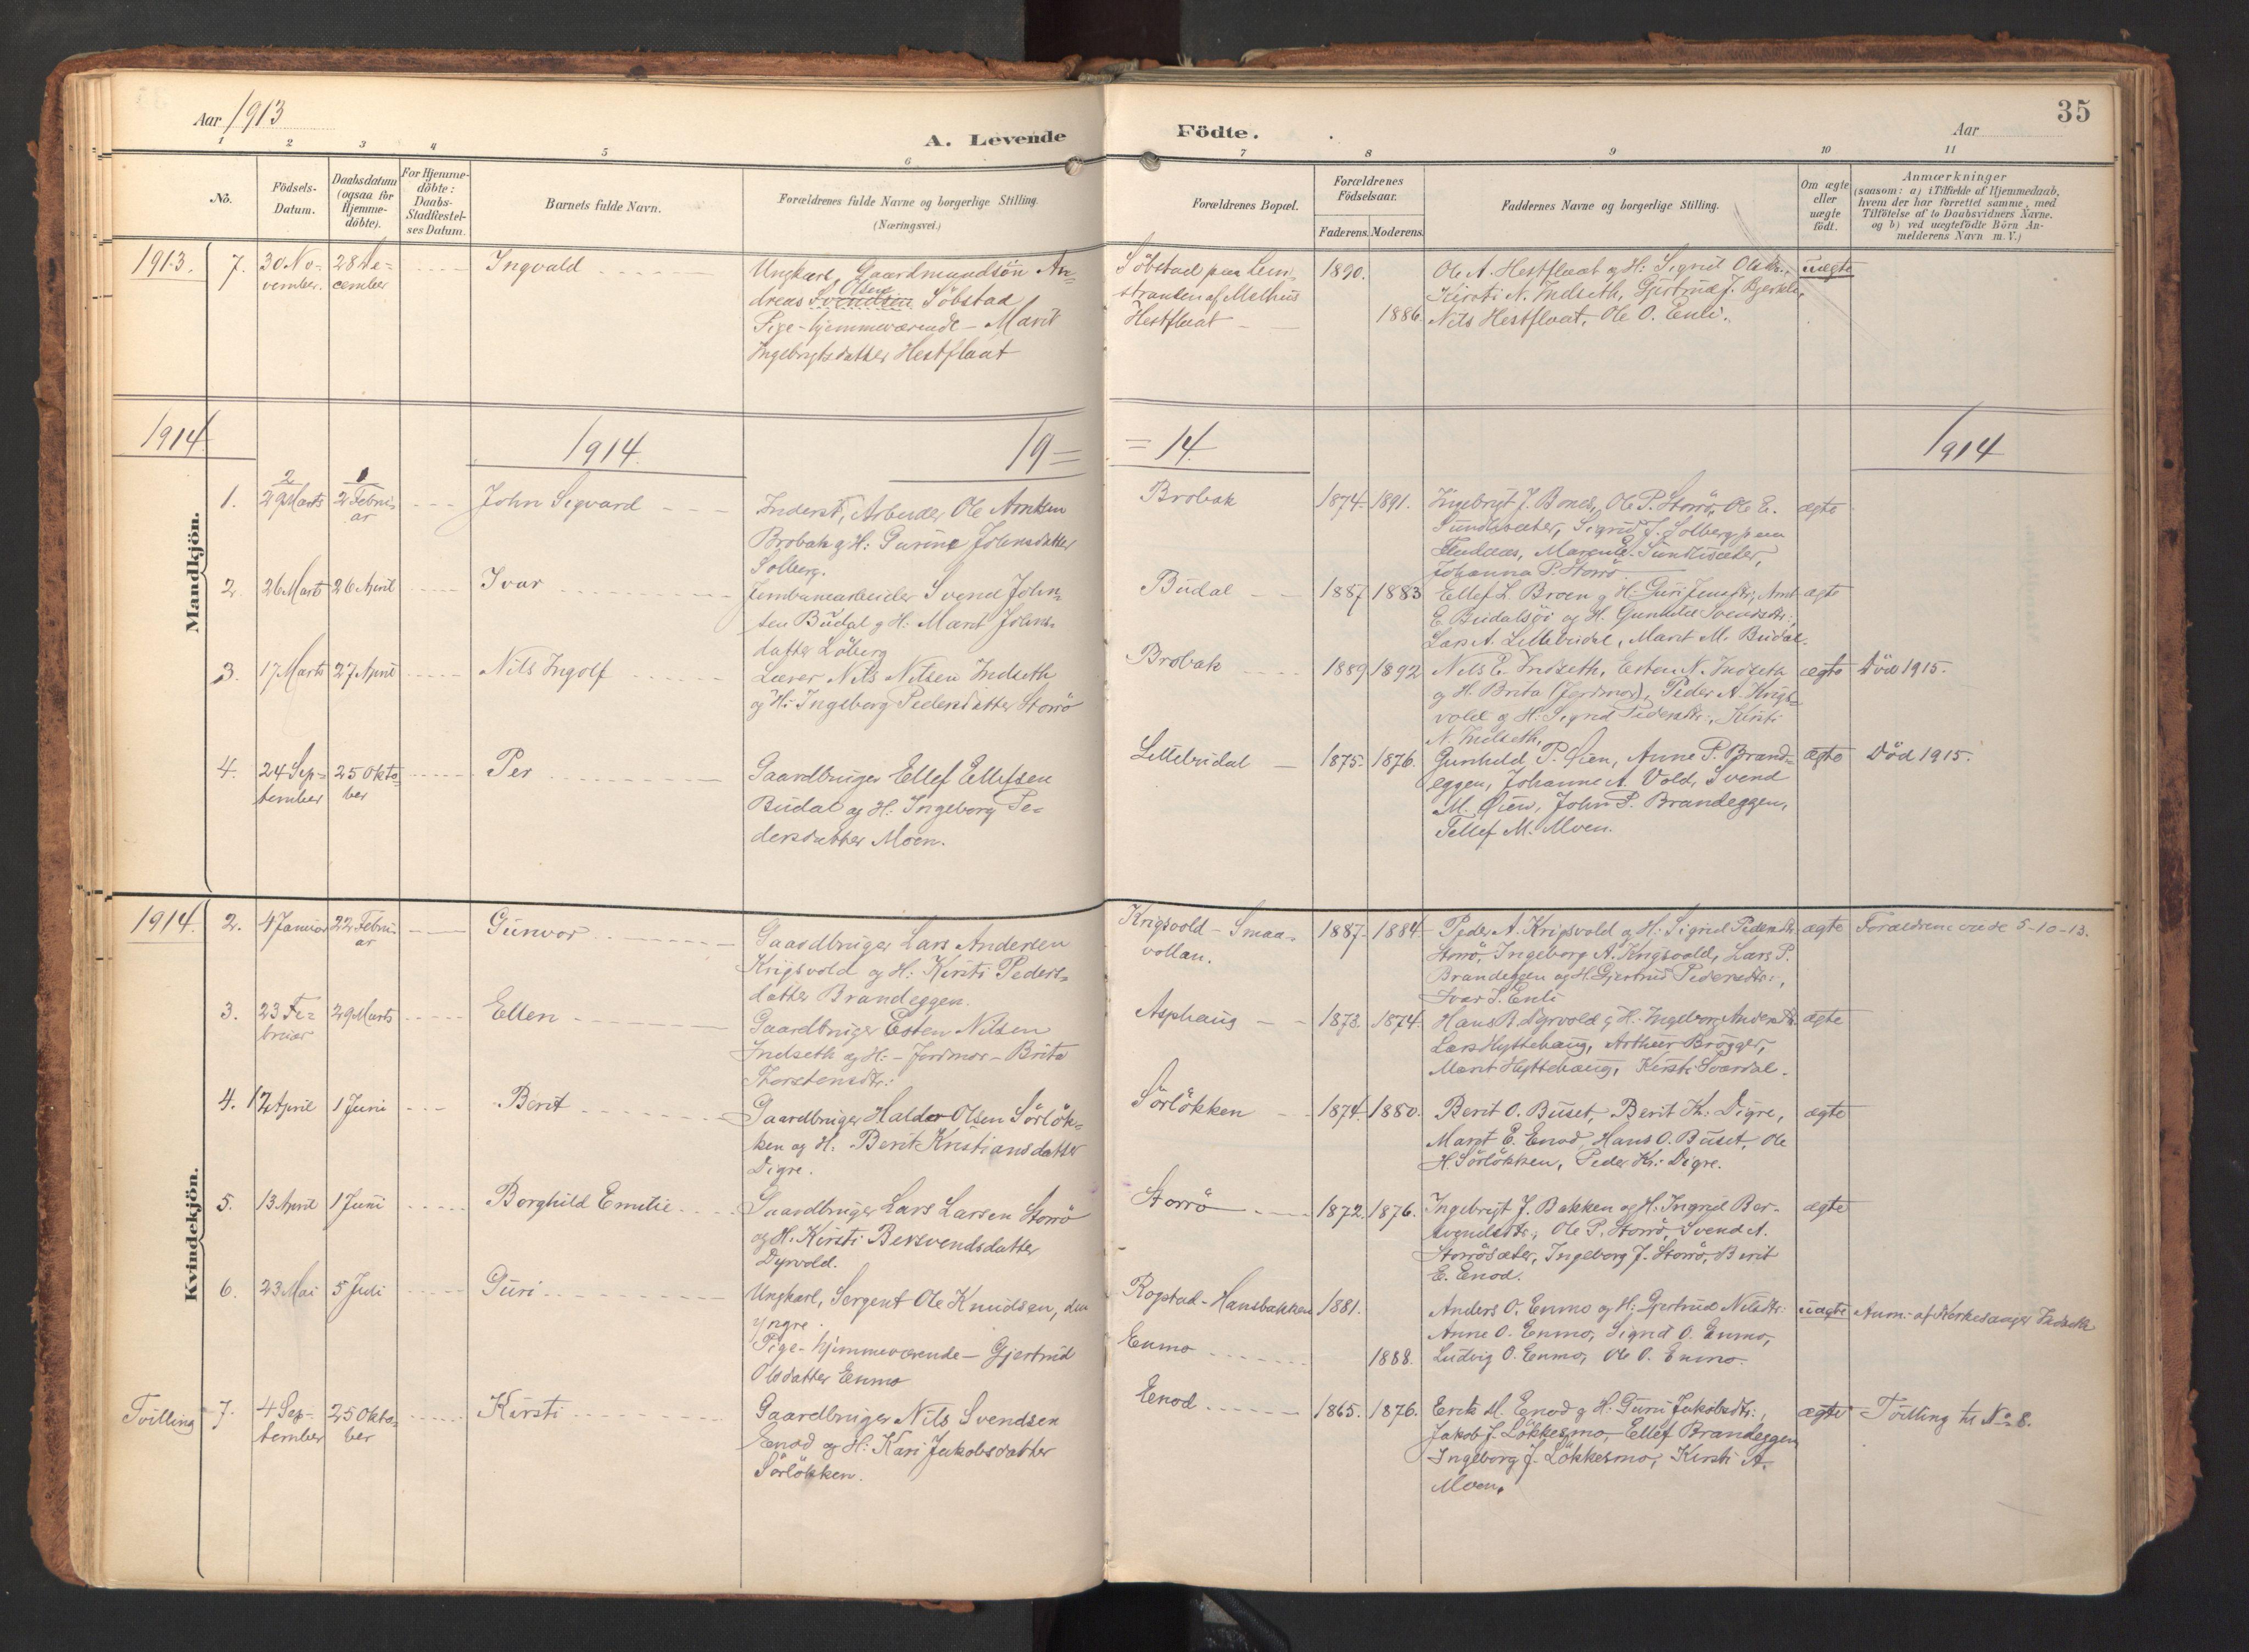 SAT, Ministerialprotokoller, klokkerbøker og fødselsregistre - Sør-Trøndelag, 690/L1050: Ministerialbok nr. 690A01, 1889-1929, s. 35